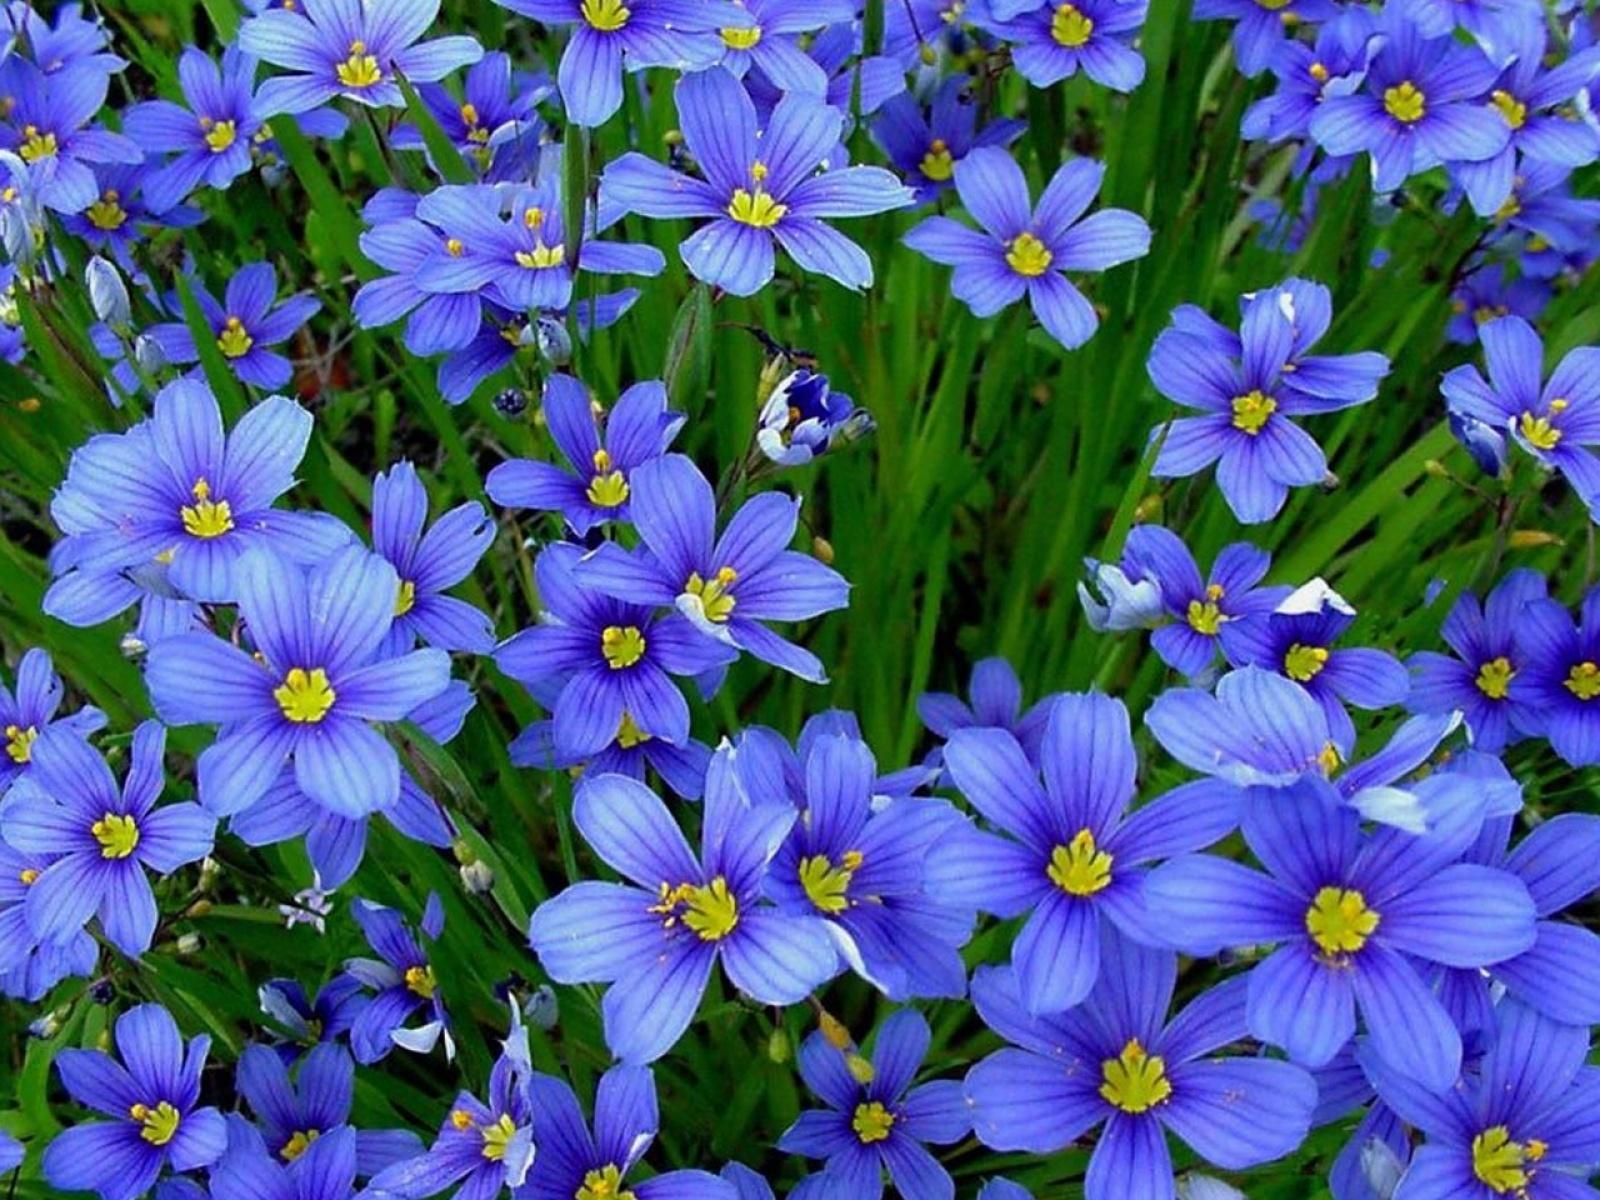 Море синих цветов фото на комп и обои